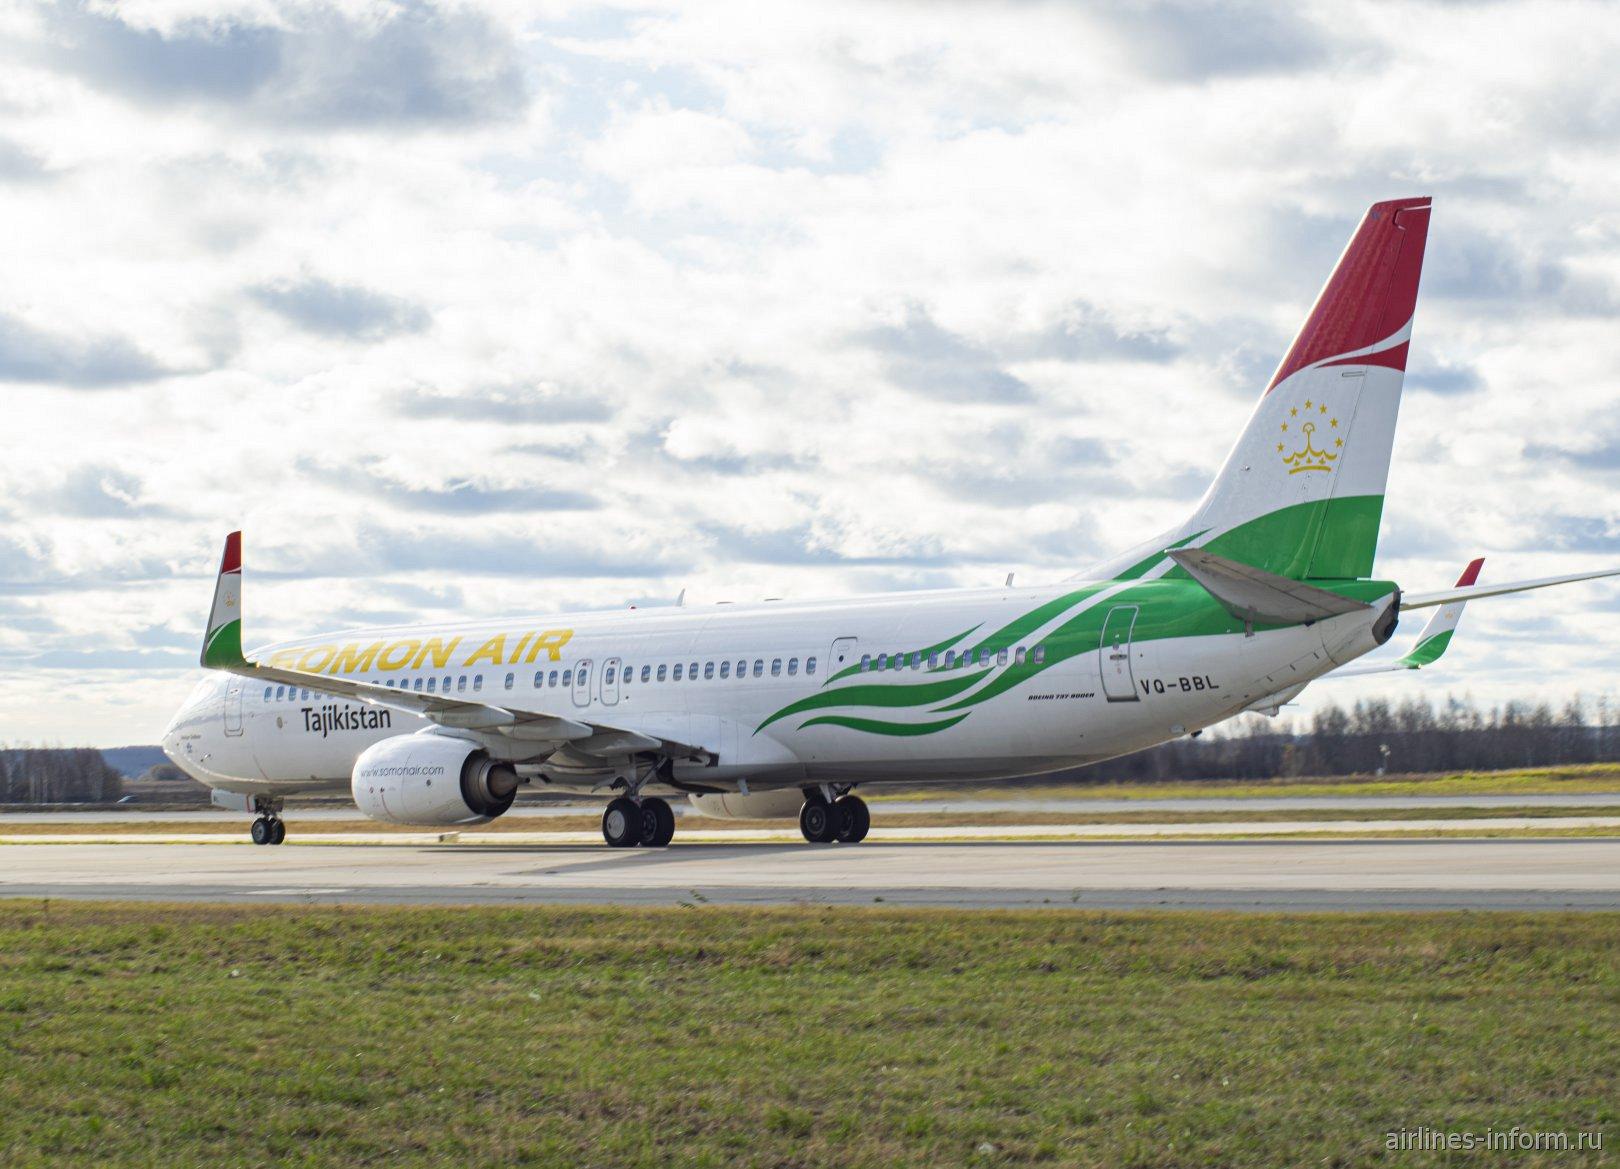 Боинг-737-900 VQ-BBL авиакомпании Somon Air в аэропорту Домодедово